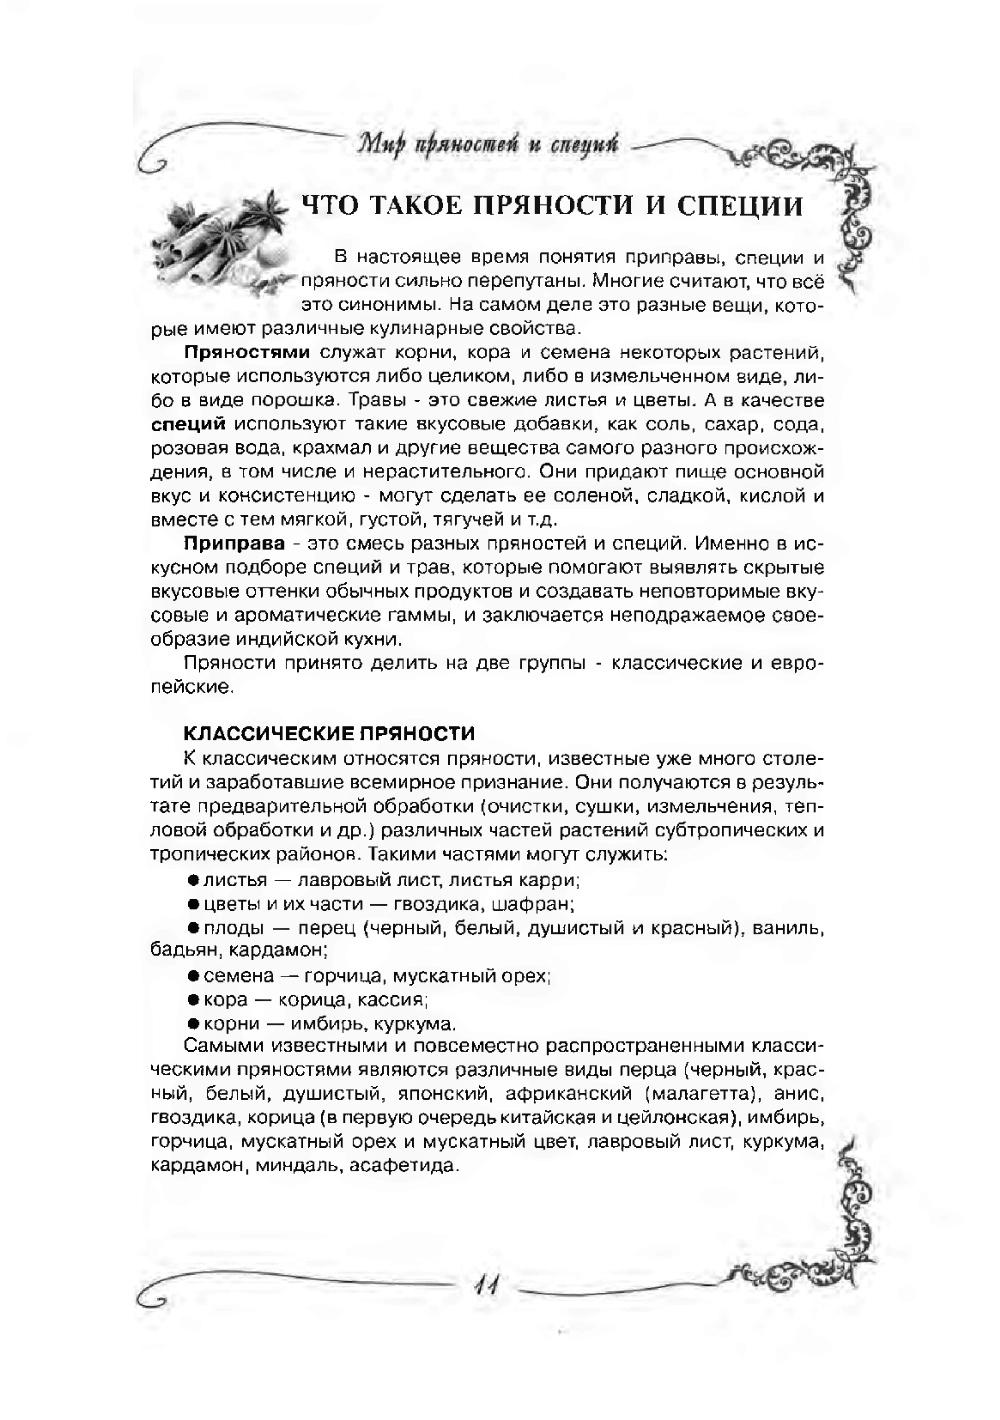 http://i3.imageban.ru/out/2014/02/17/23b8d7112ffb4e2a0d8df2d38a7b2ec1.jpg